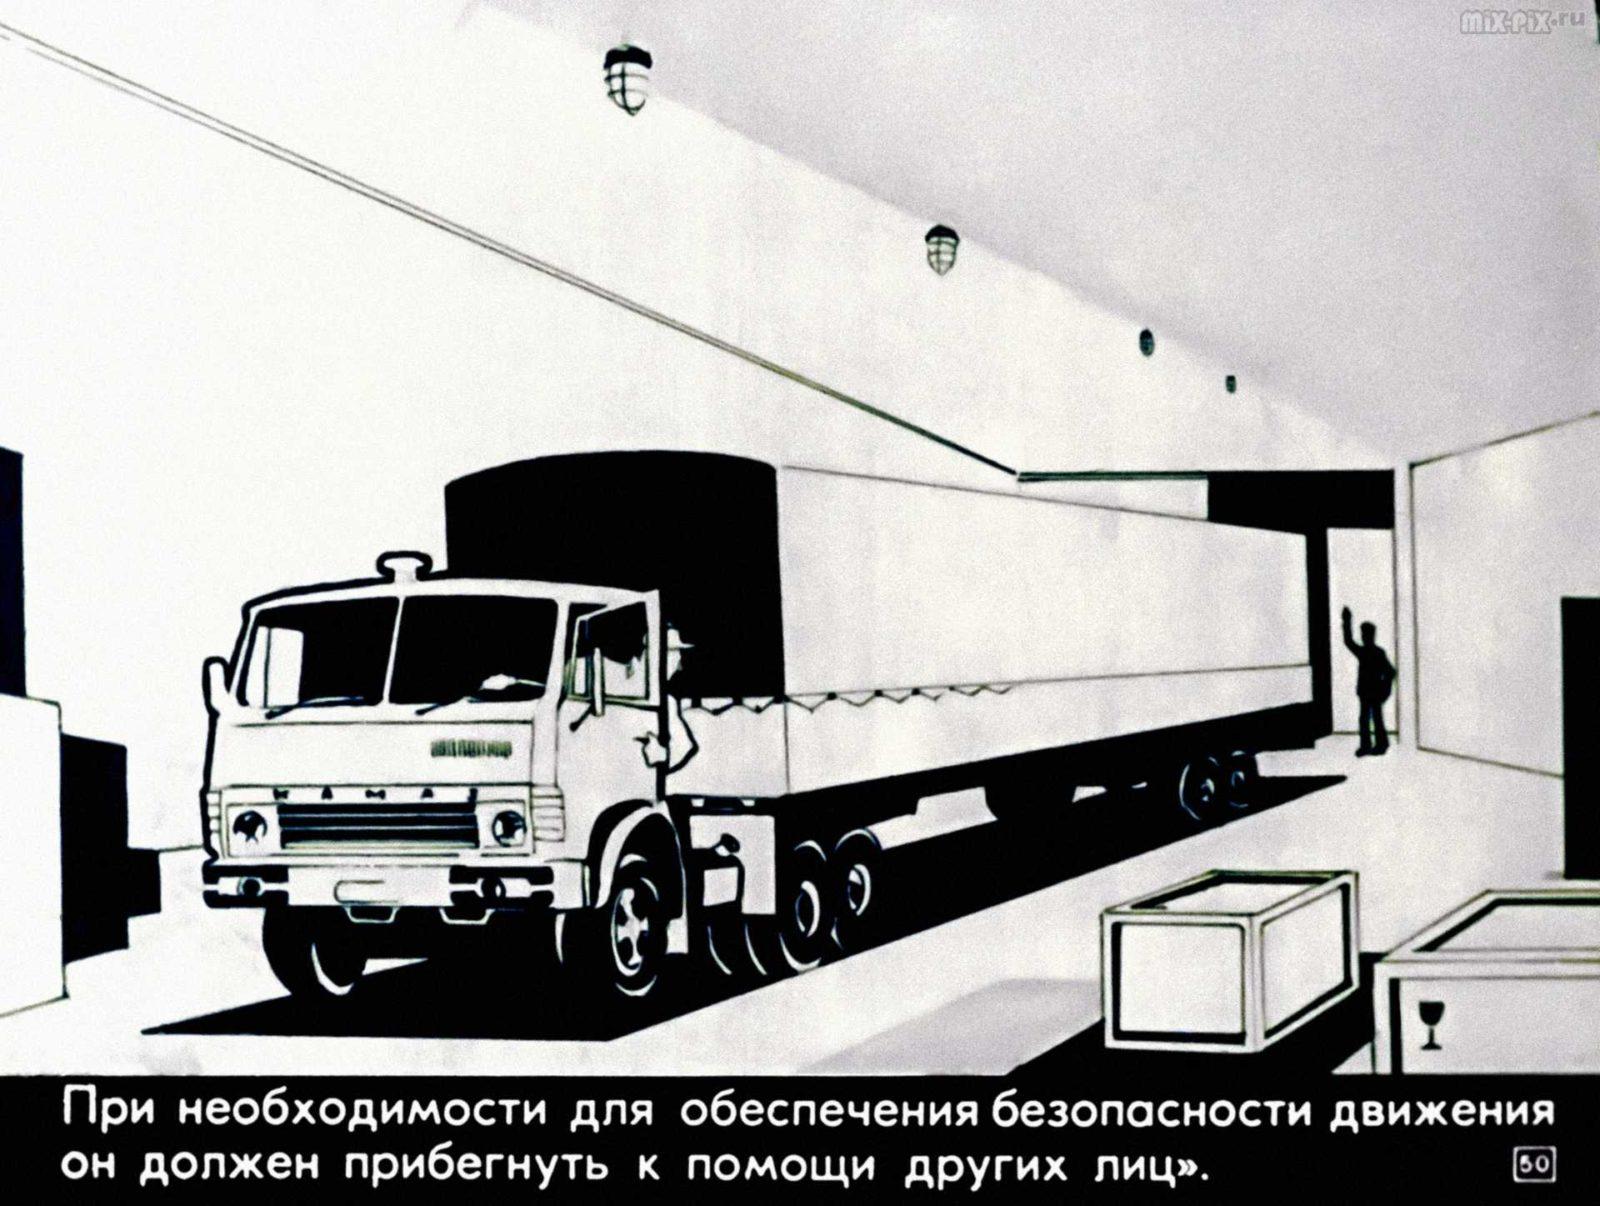 Правила дорожного движения. Расположение транспортных средств на проезжей части. Начало движения. Маневрирование (1983) 56